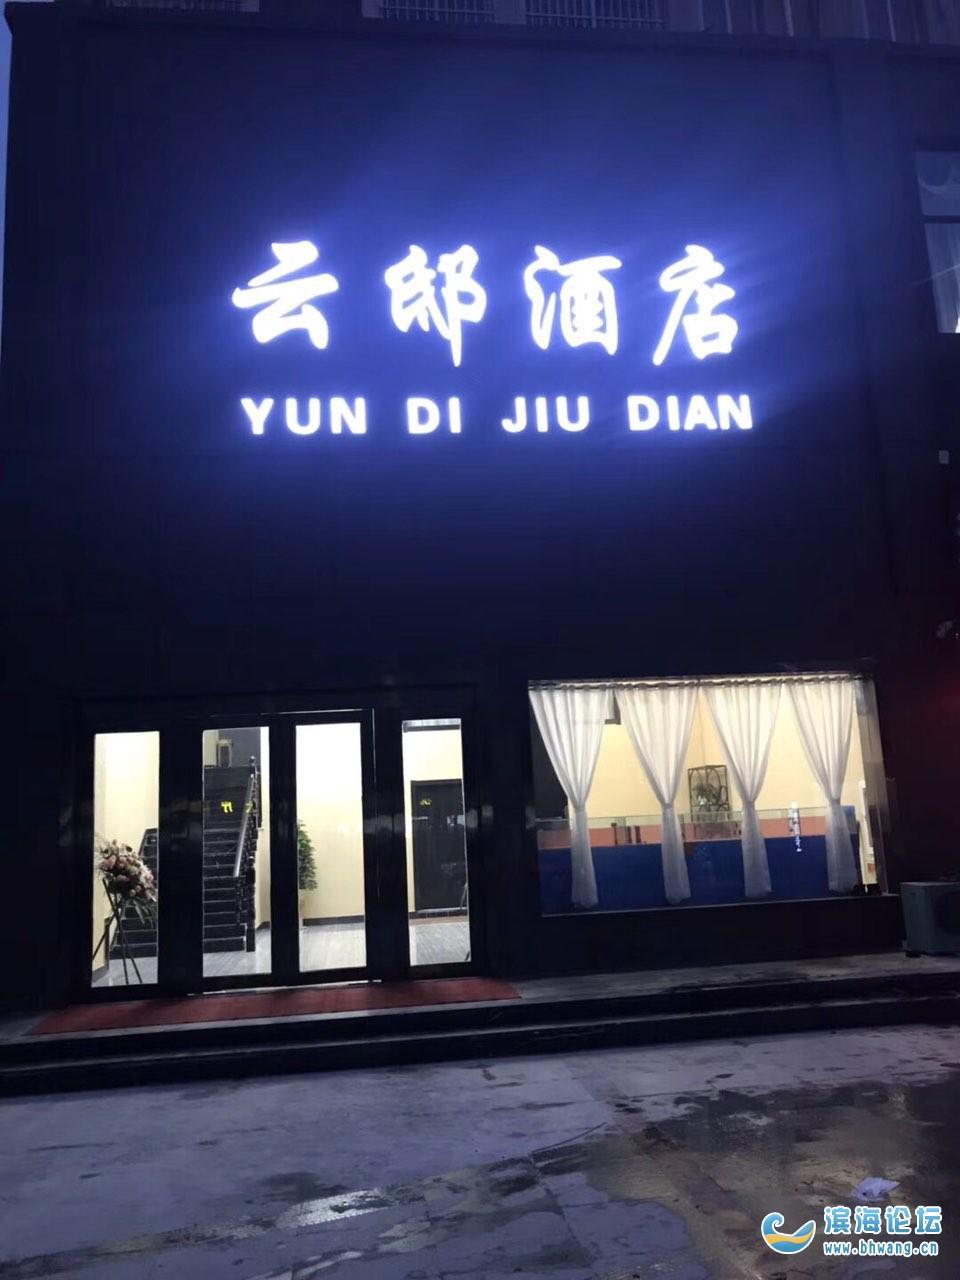 旺铺出售天海元旁:云邸酒店商铺。一层200平方,二